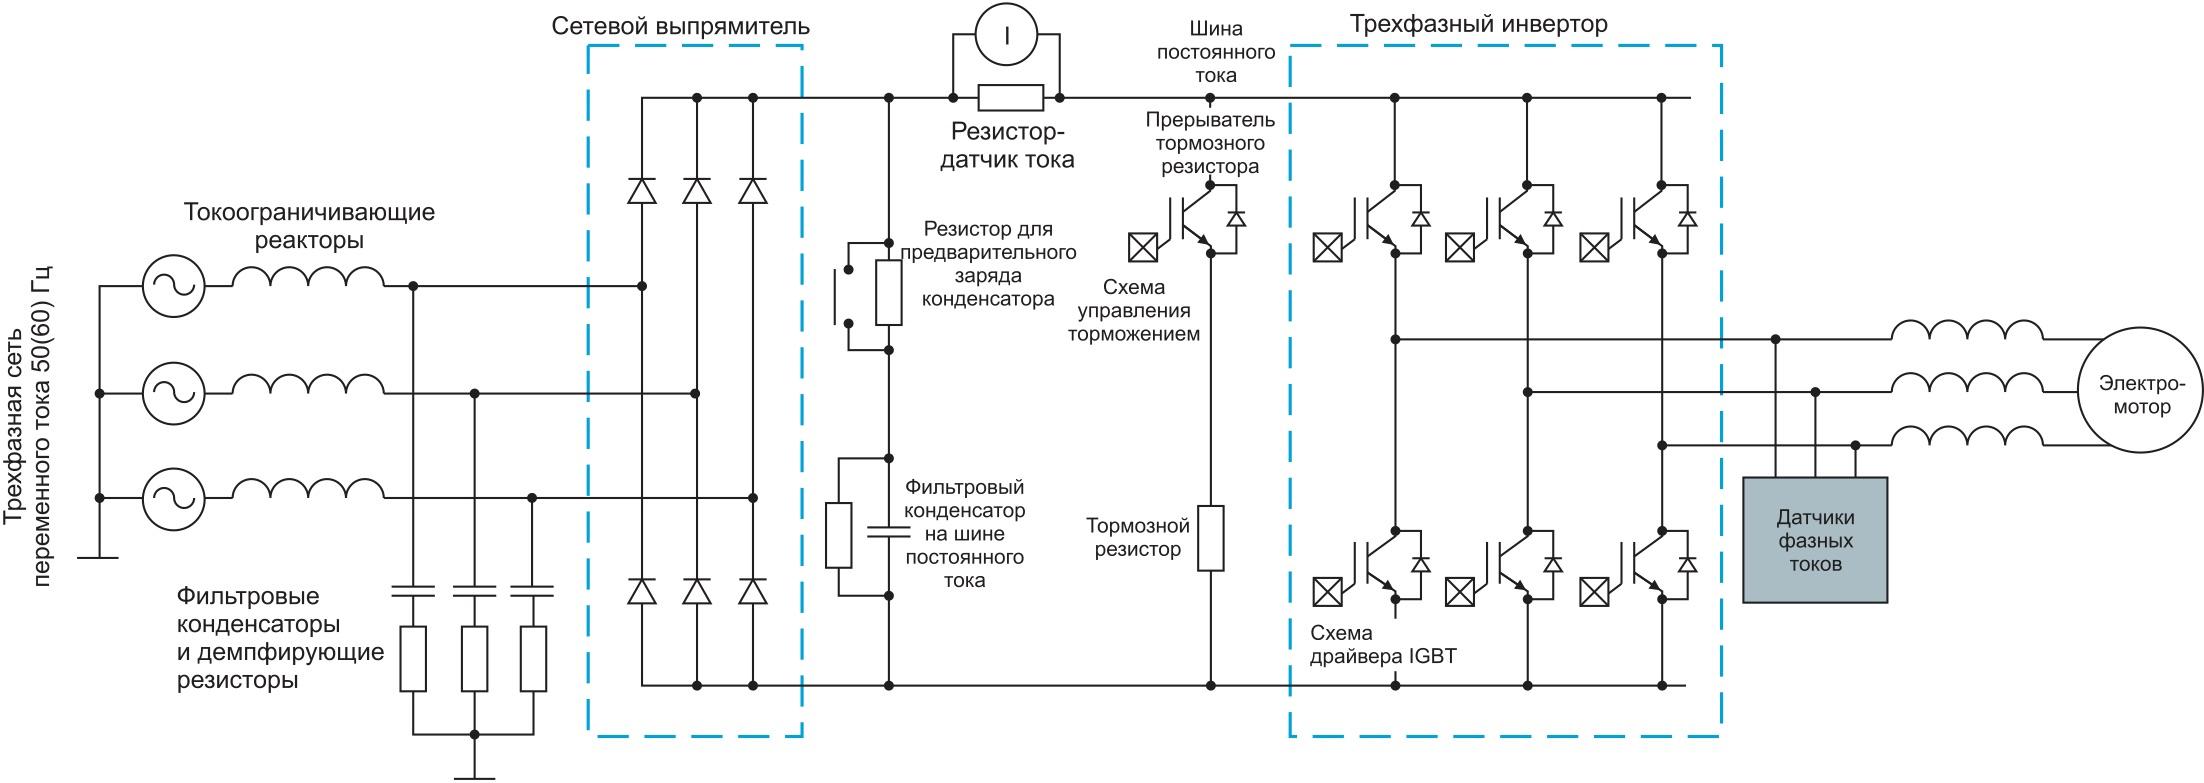 Структурная схема ЧРП с промежуточной шиной постоянного тока